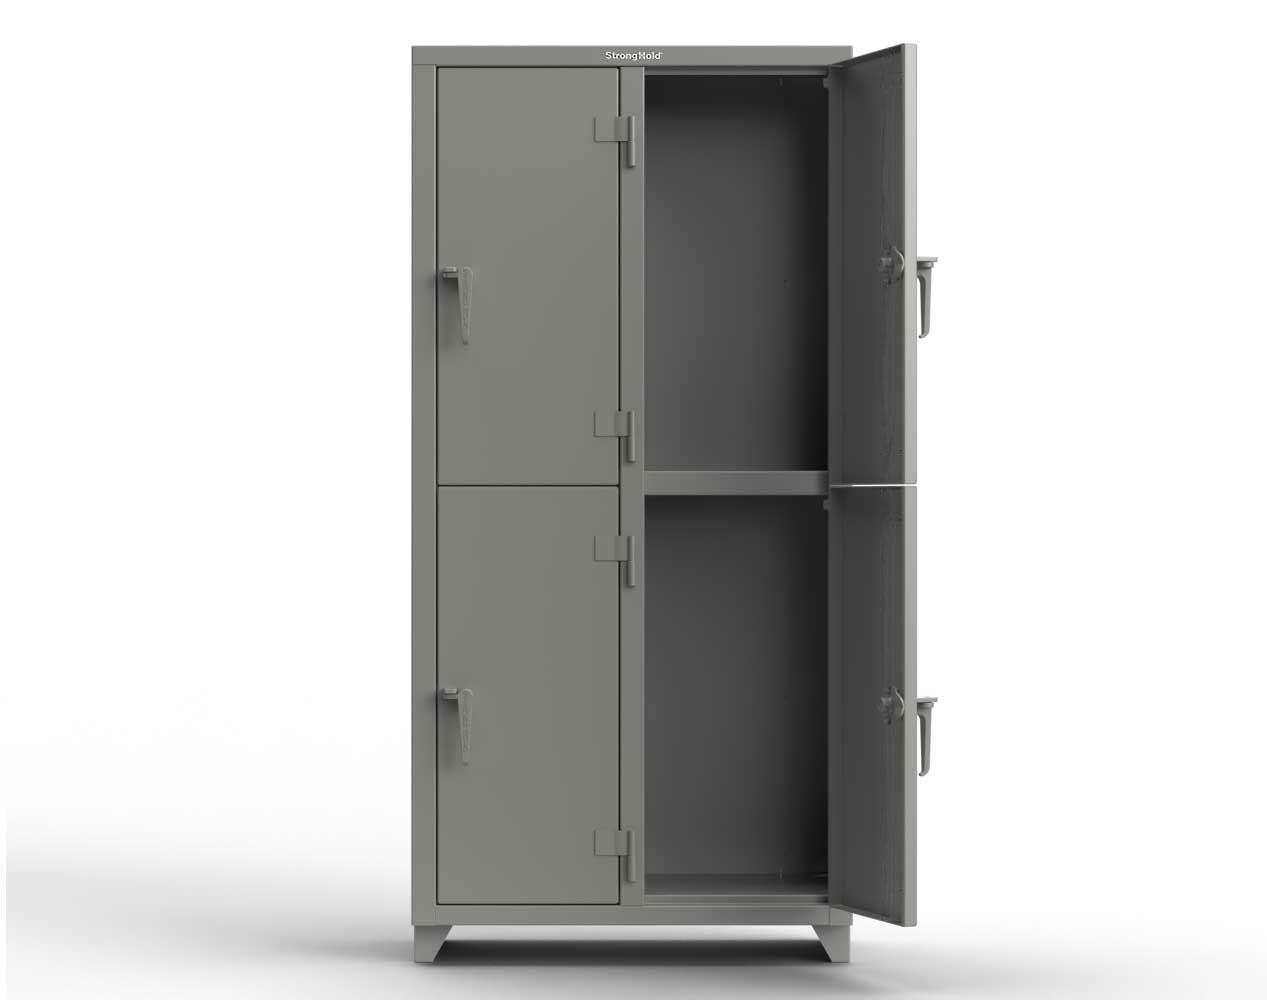 Extra Heavy Duty 14 GA Double-Tier Locker, 4 Compartments – 36 in. W x 18 in. D x 75 in. H